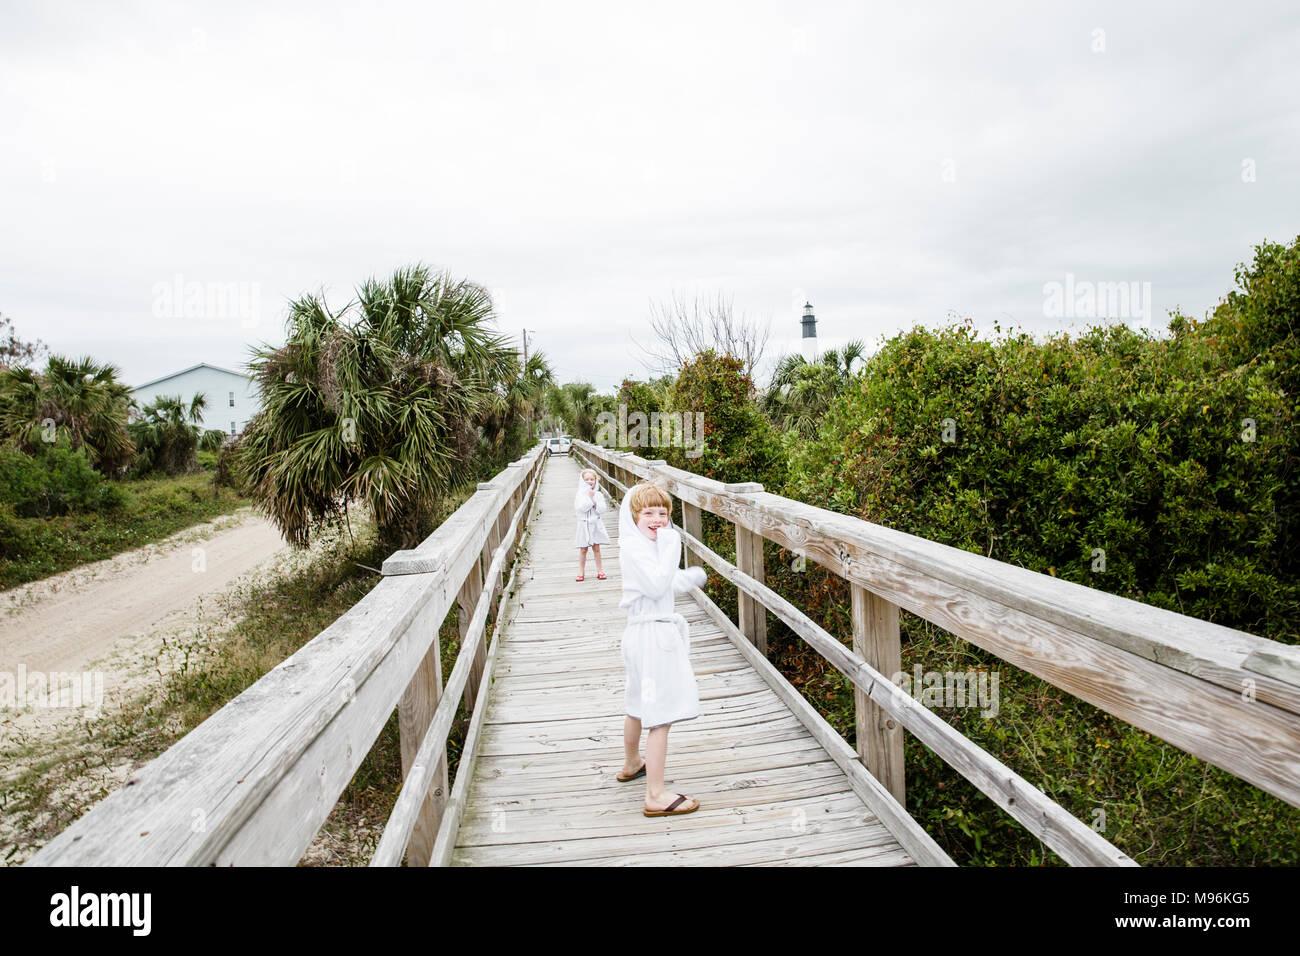 Girls standing on dock/walkway - Stock Image